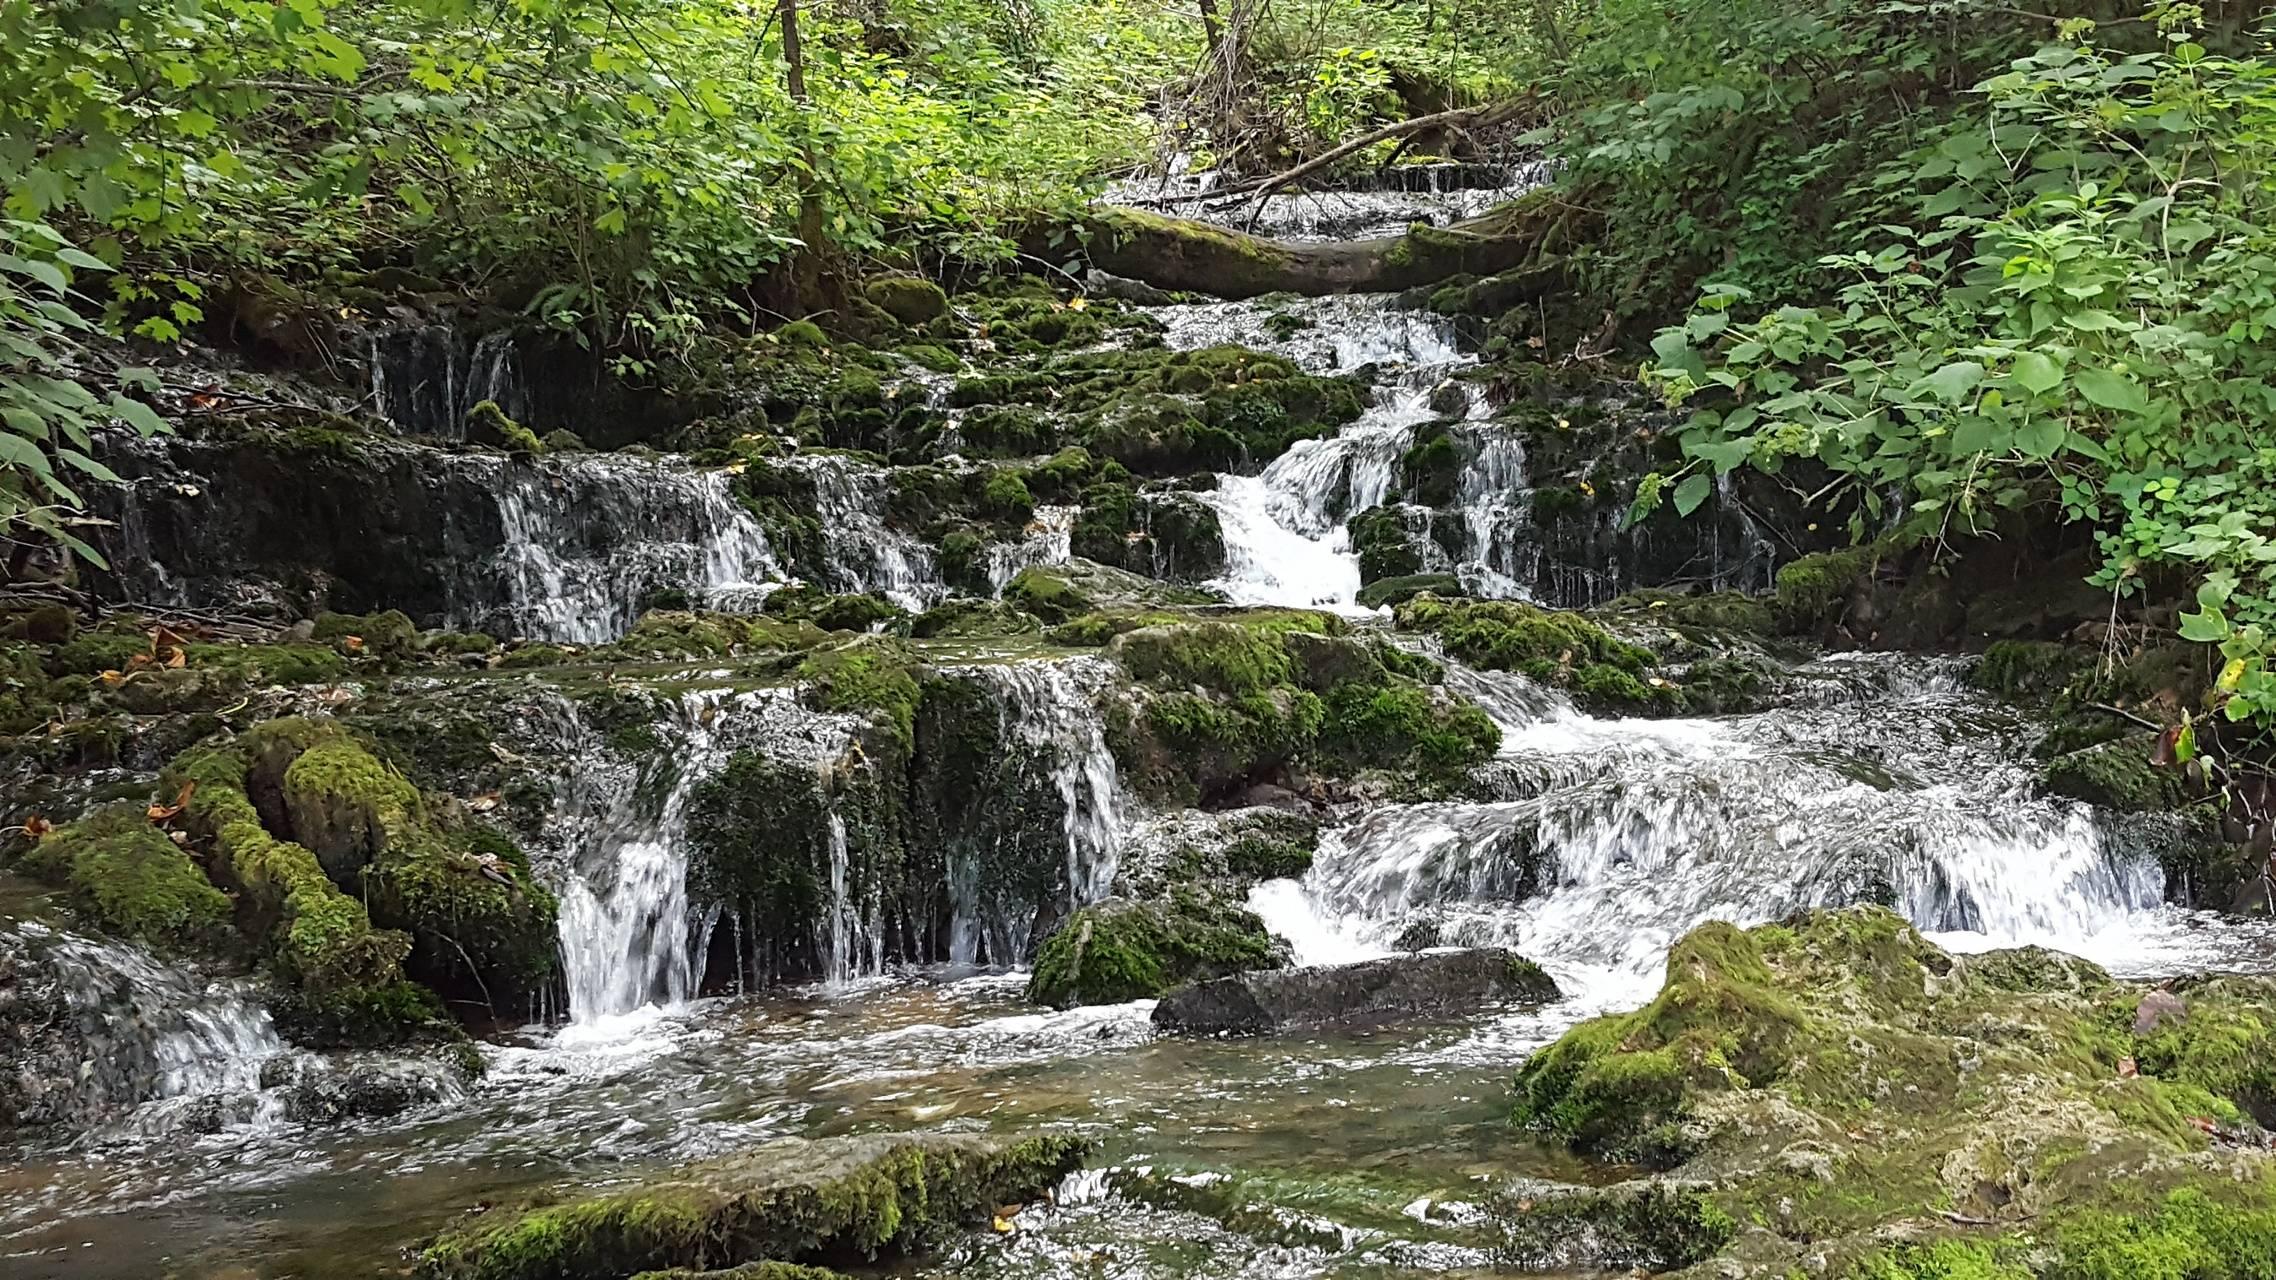 Kentucky Stream